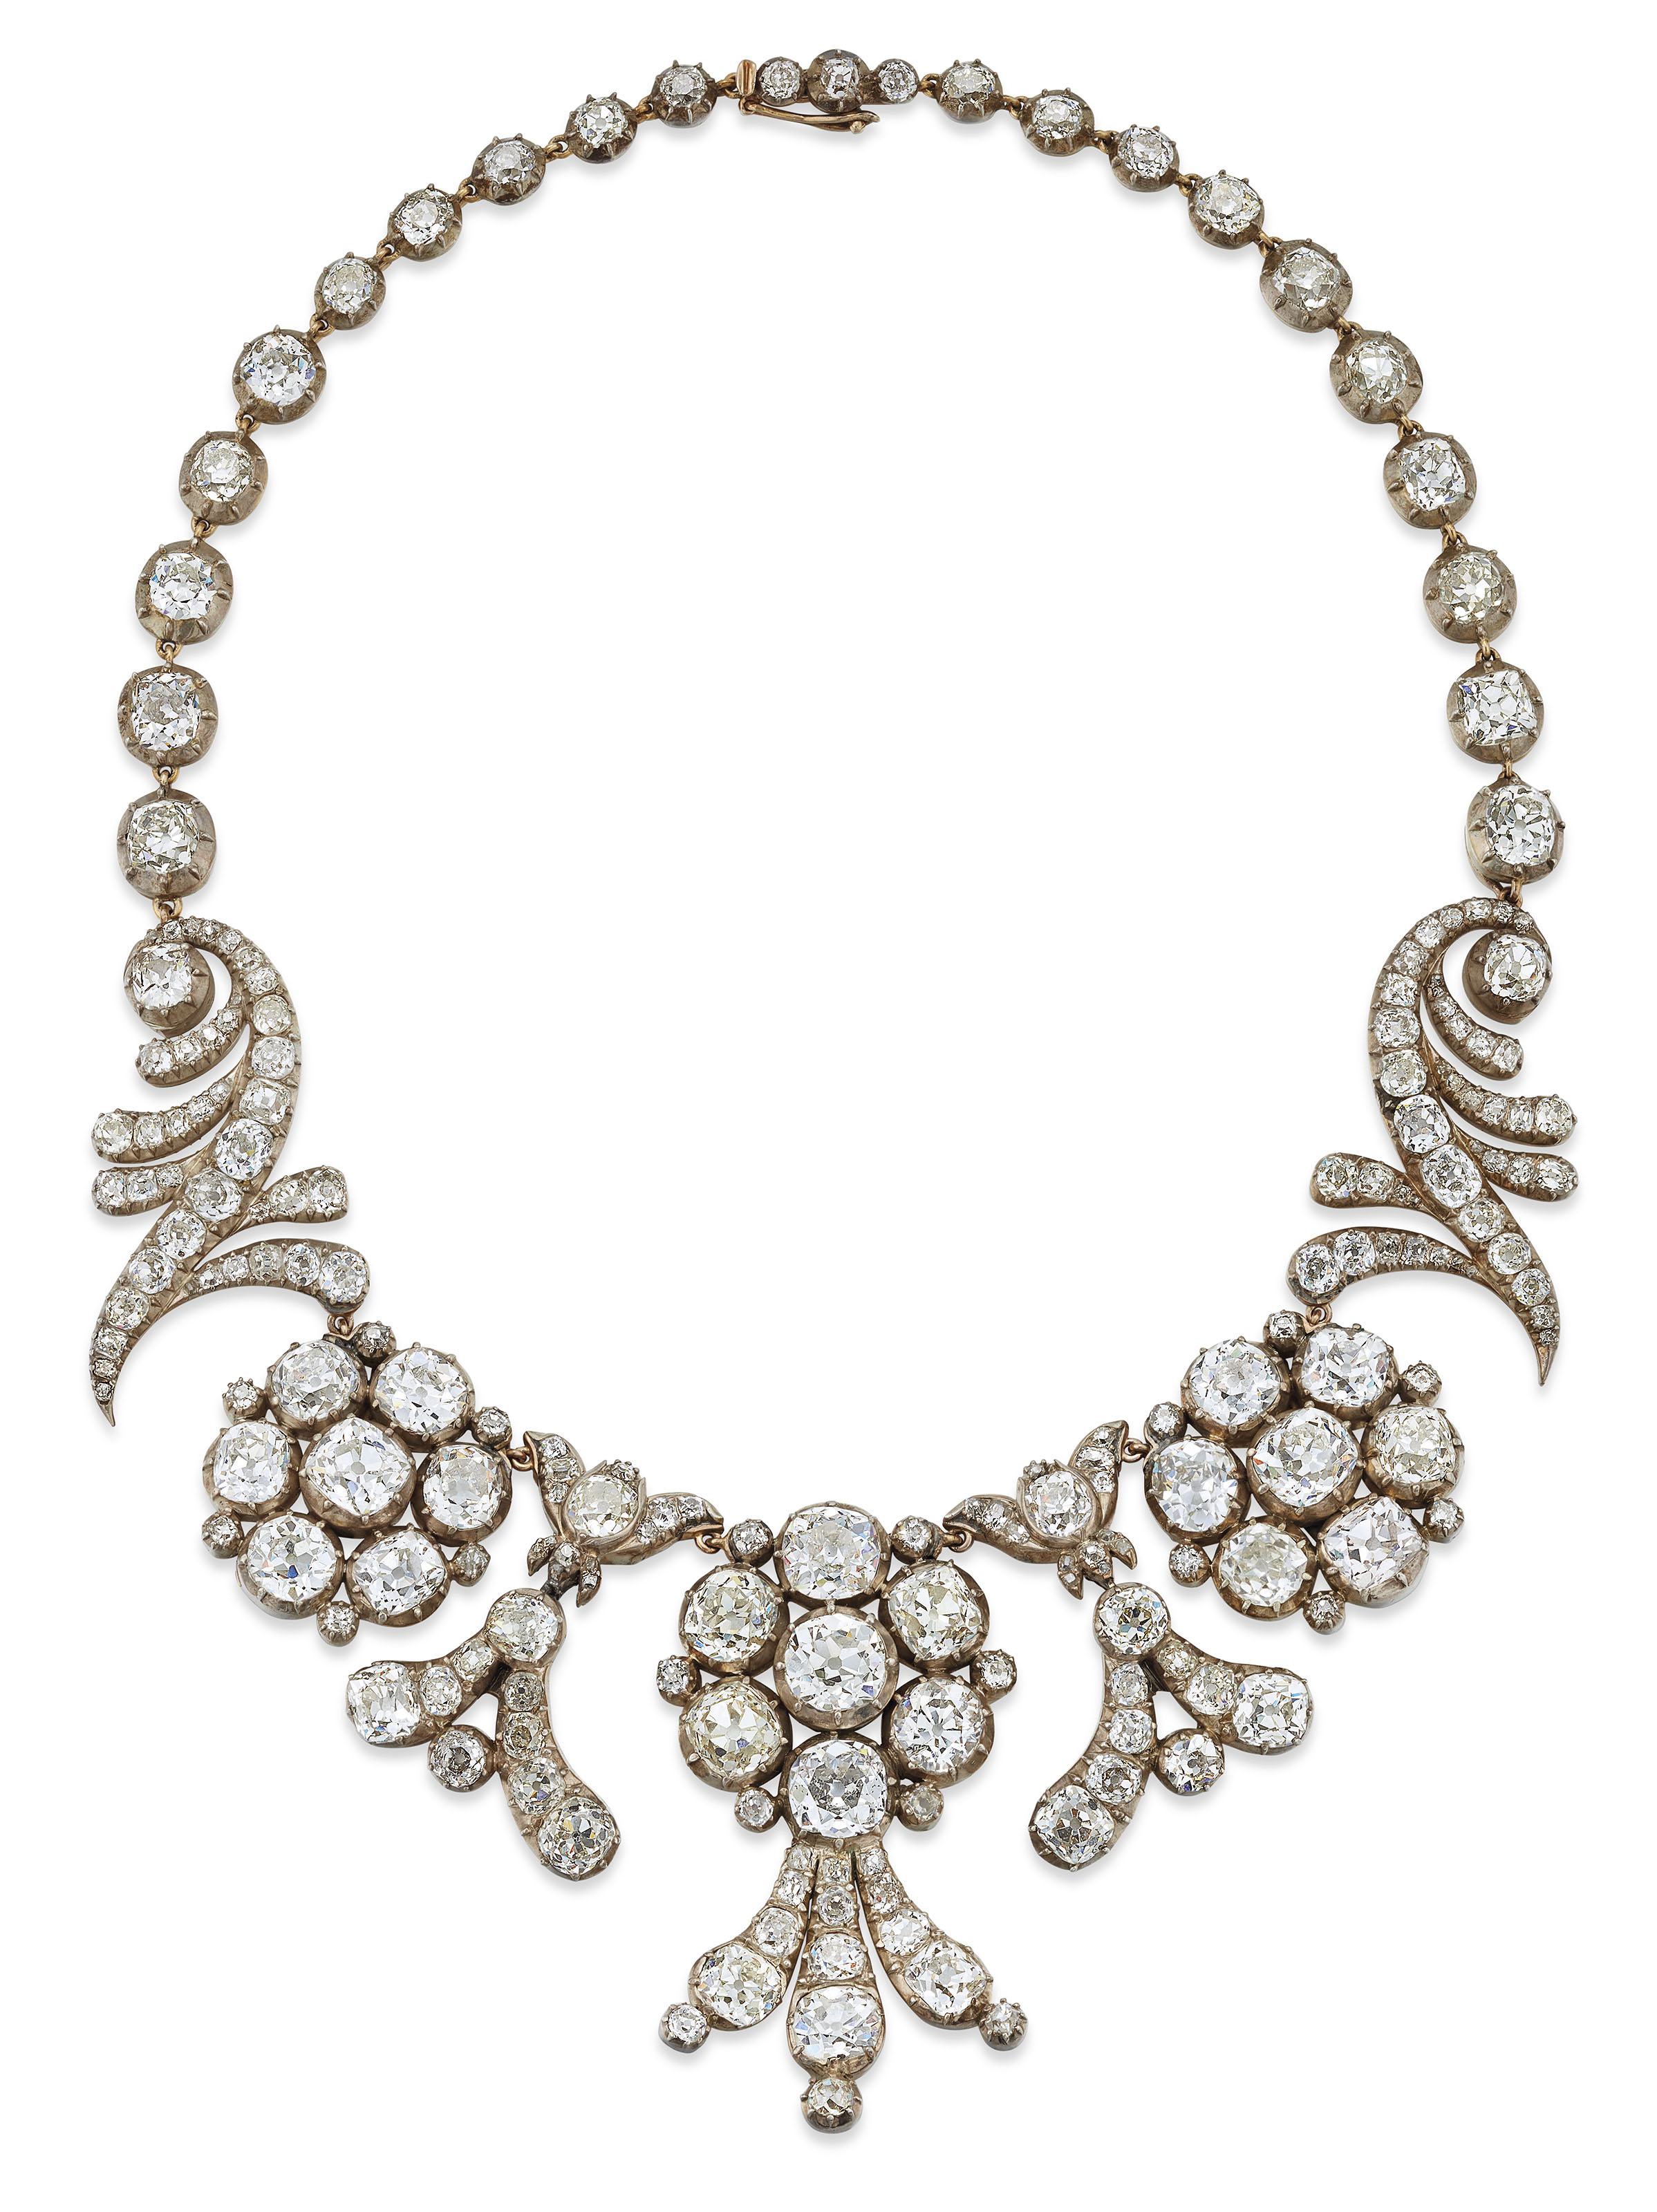 19TH CENTURY DIAMOND TIARA / NECKLACE